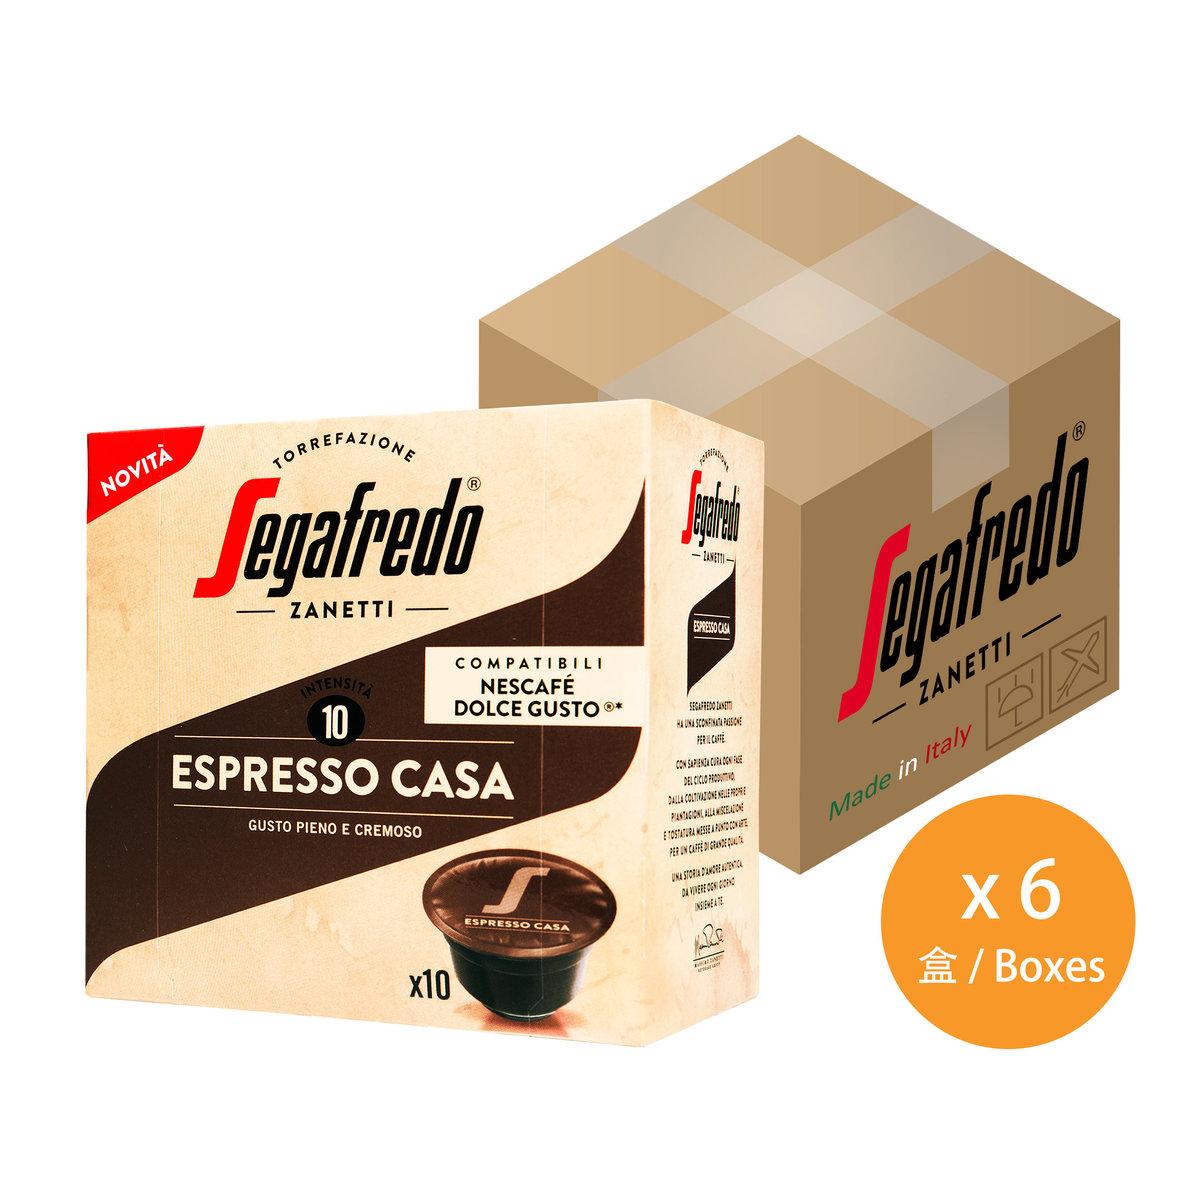 意式特濃膠囊咖啡 x 6盒 (兼容Dolce Gusto®咖啡機)